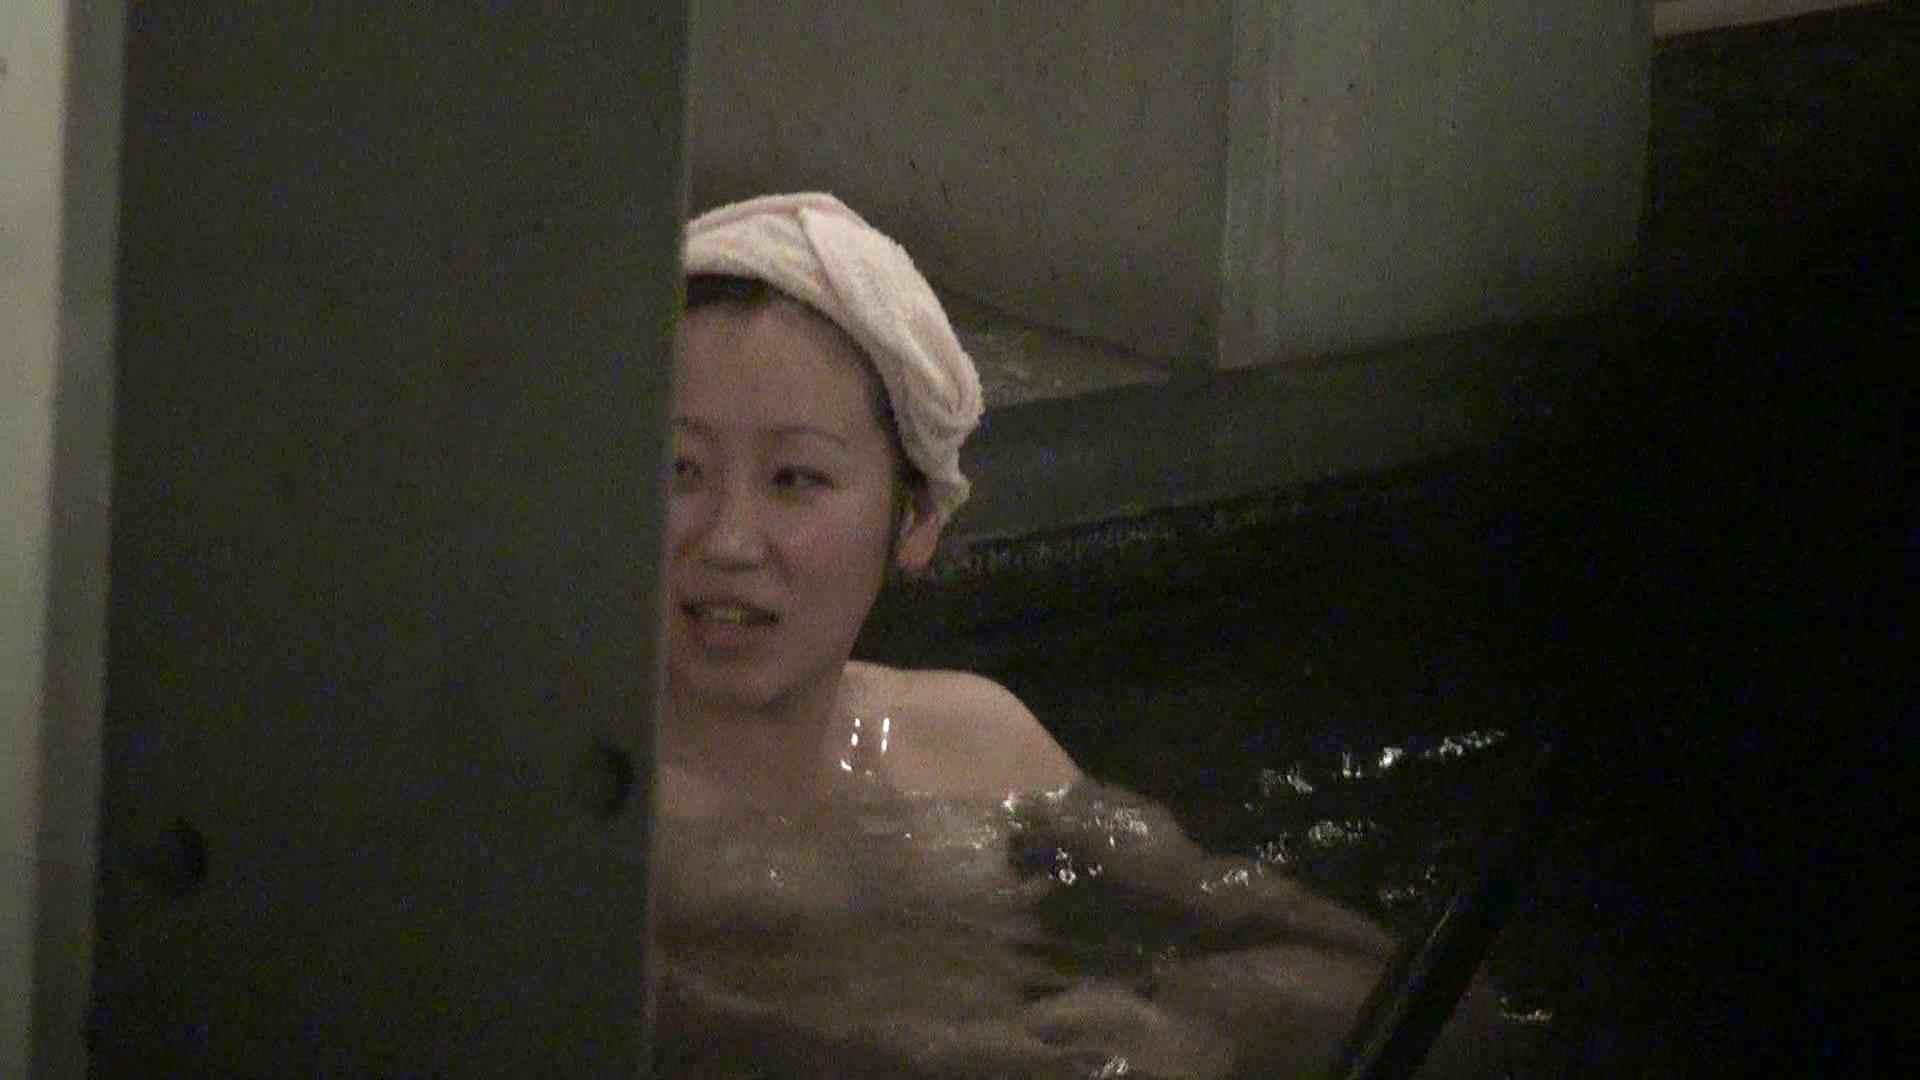 Aquaな露天風呂Vol.416 露天  20PICs 9